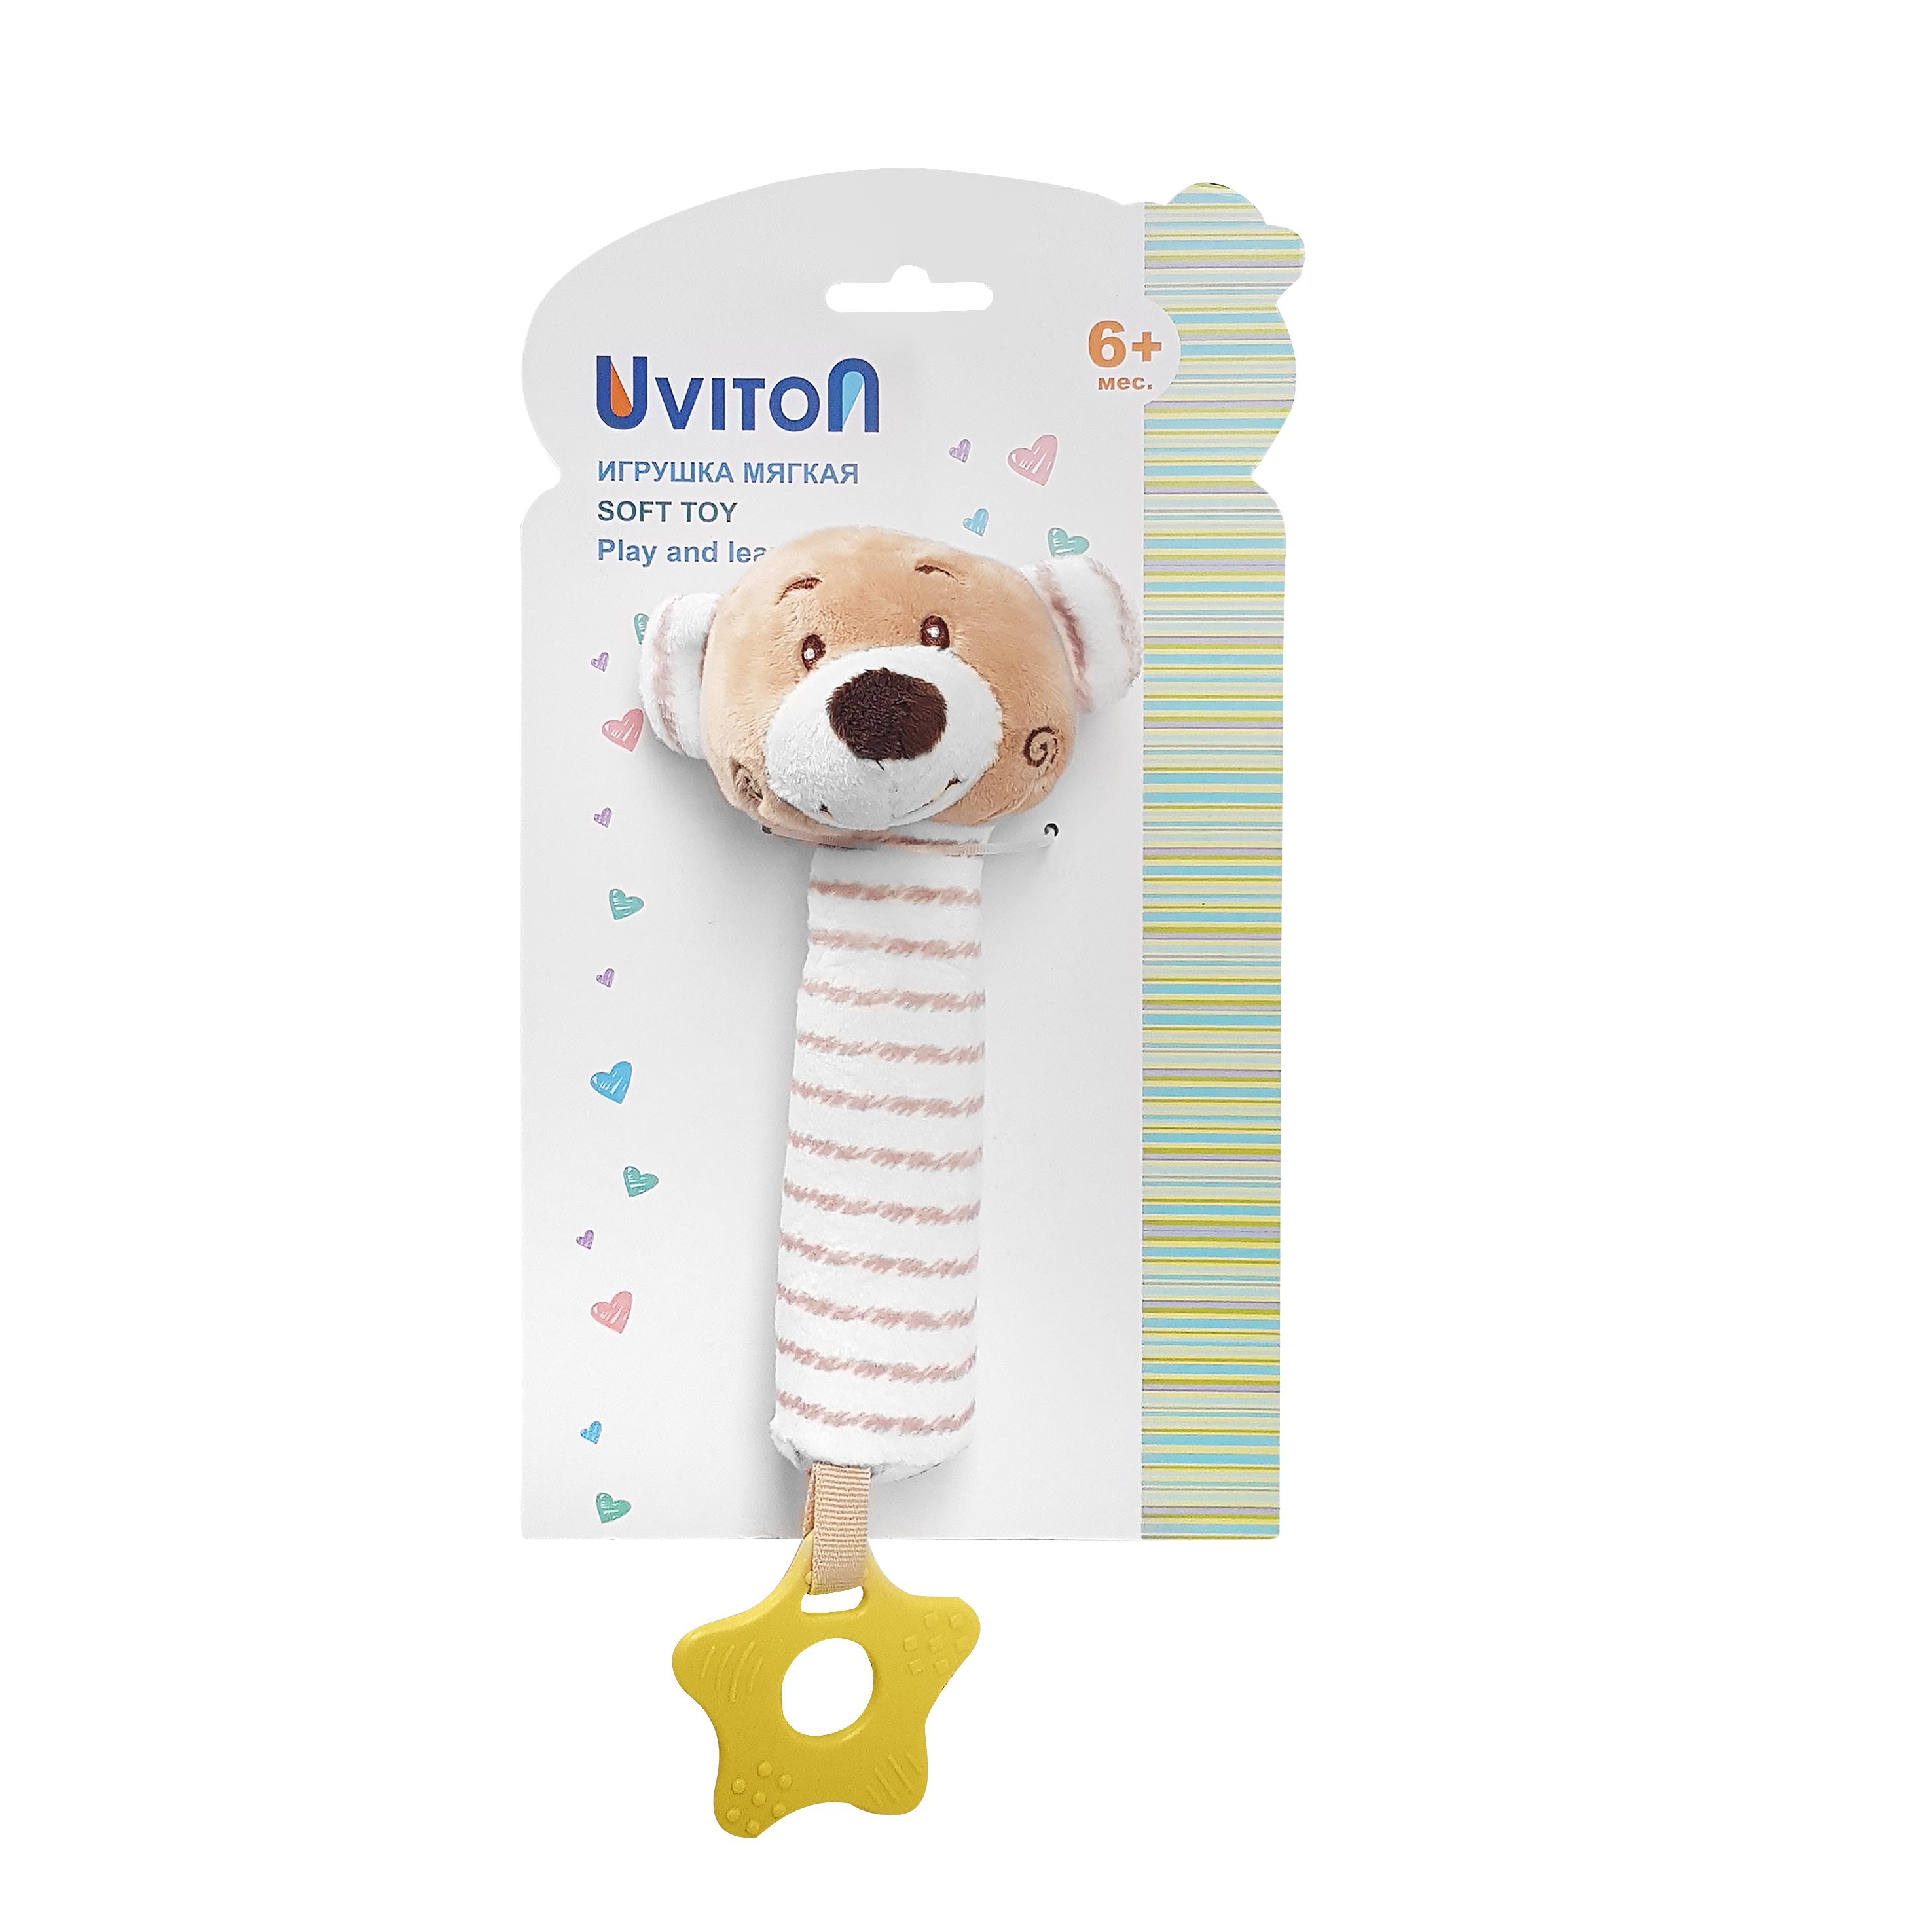 Развивающая игрушка UVITON Игрушка-пищалка Мишка бежевый